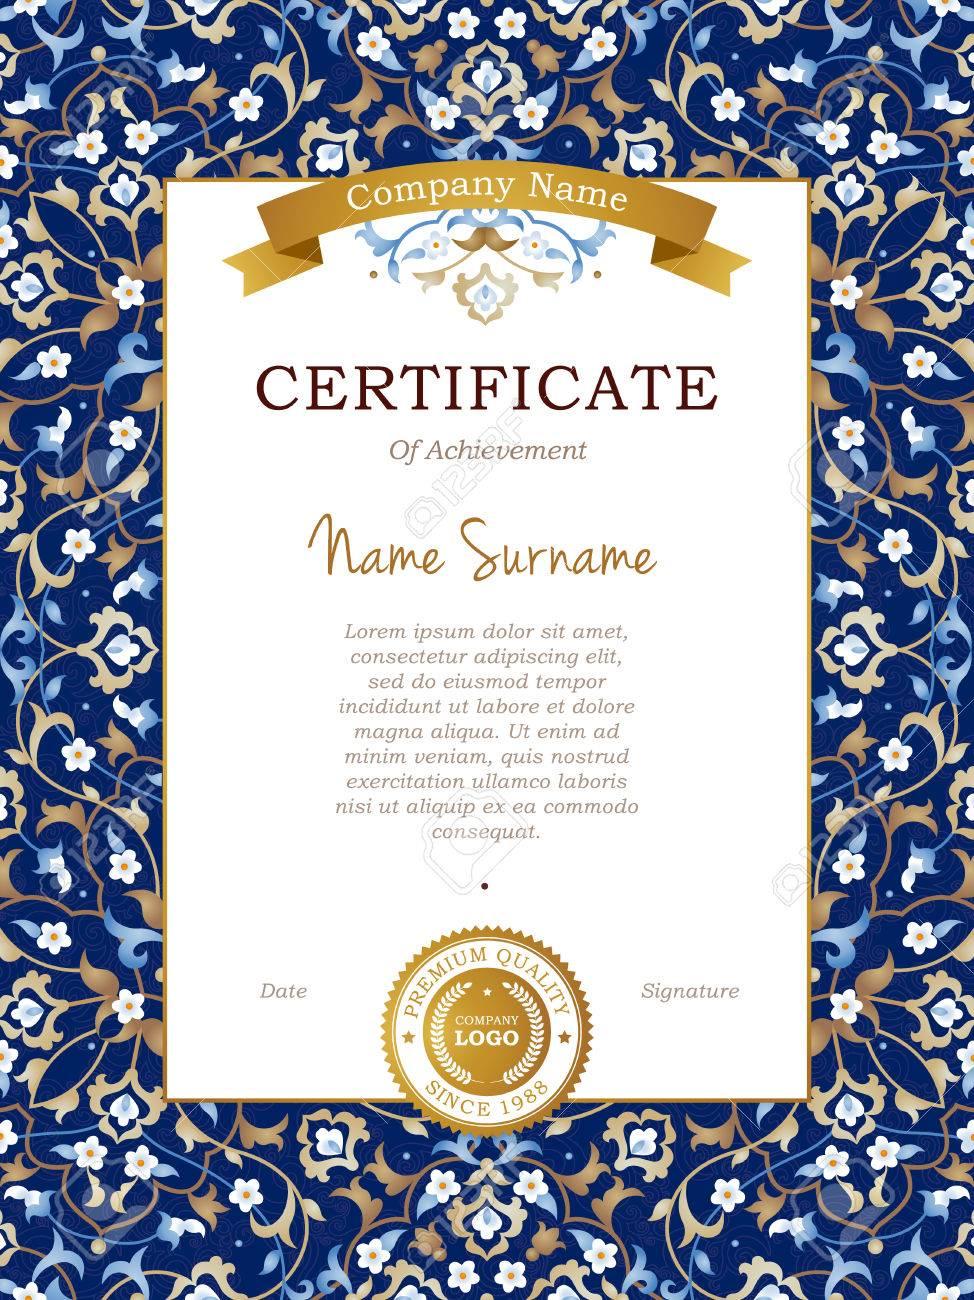 Großzügig Muster Zertifikatvorlage Fotos - Entry Level Resume ...